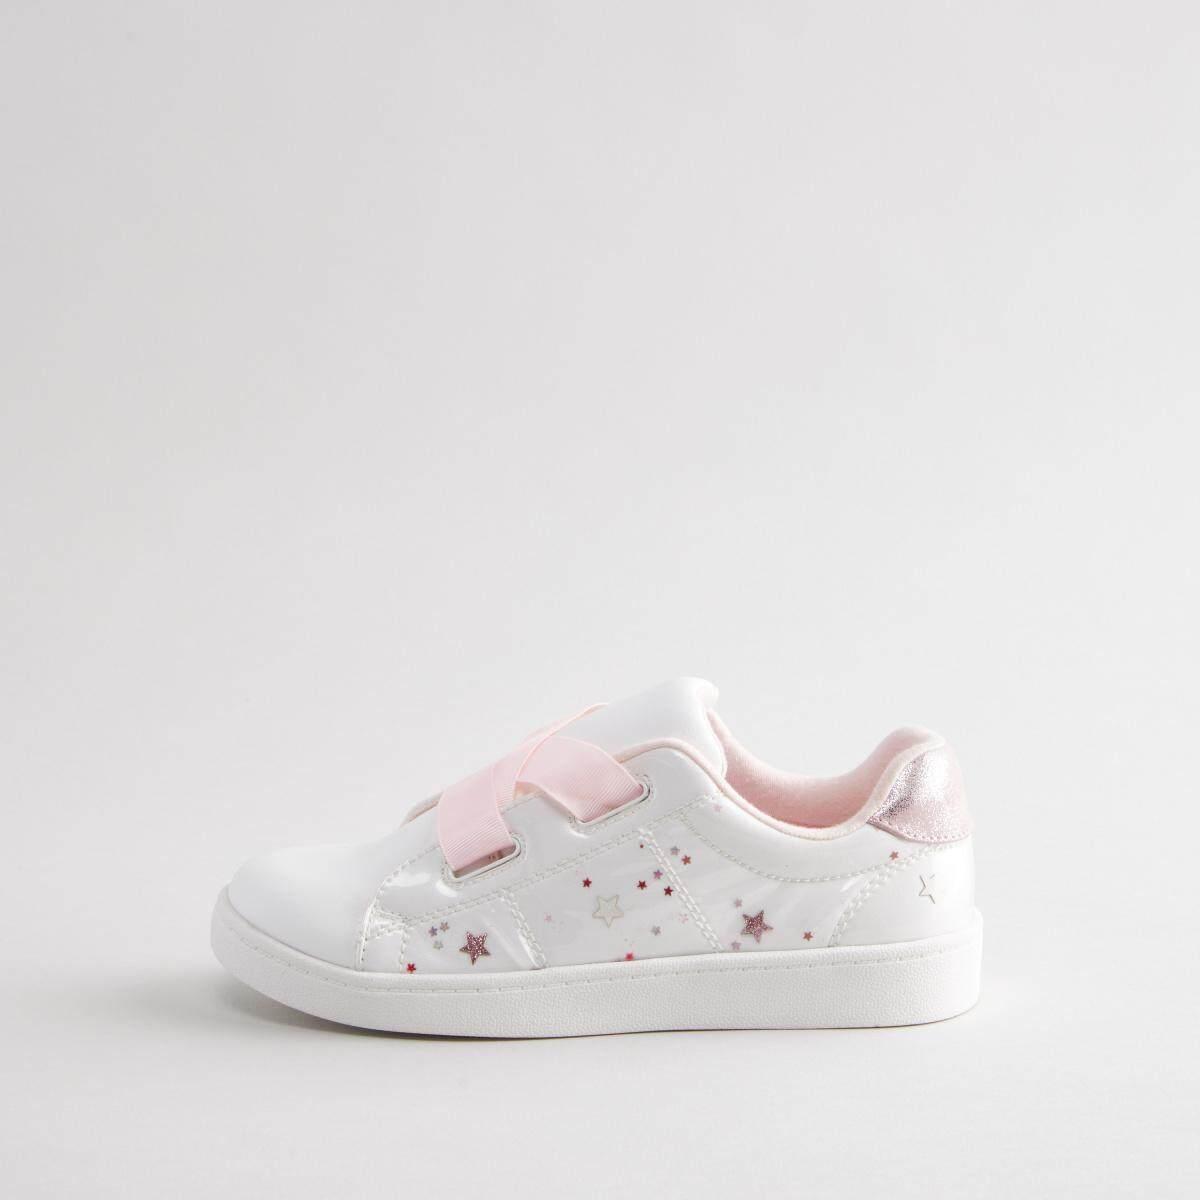 max fashion white shoes